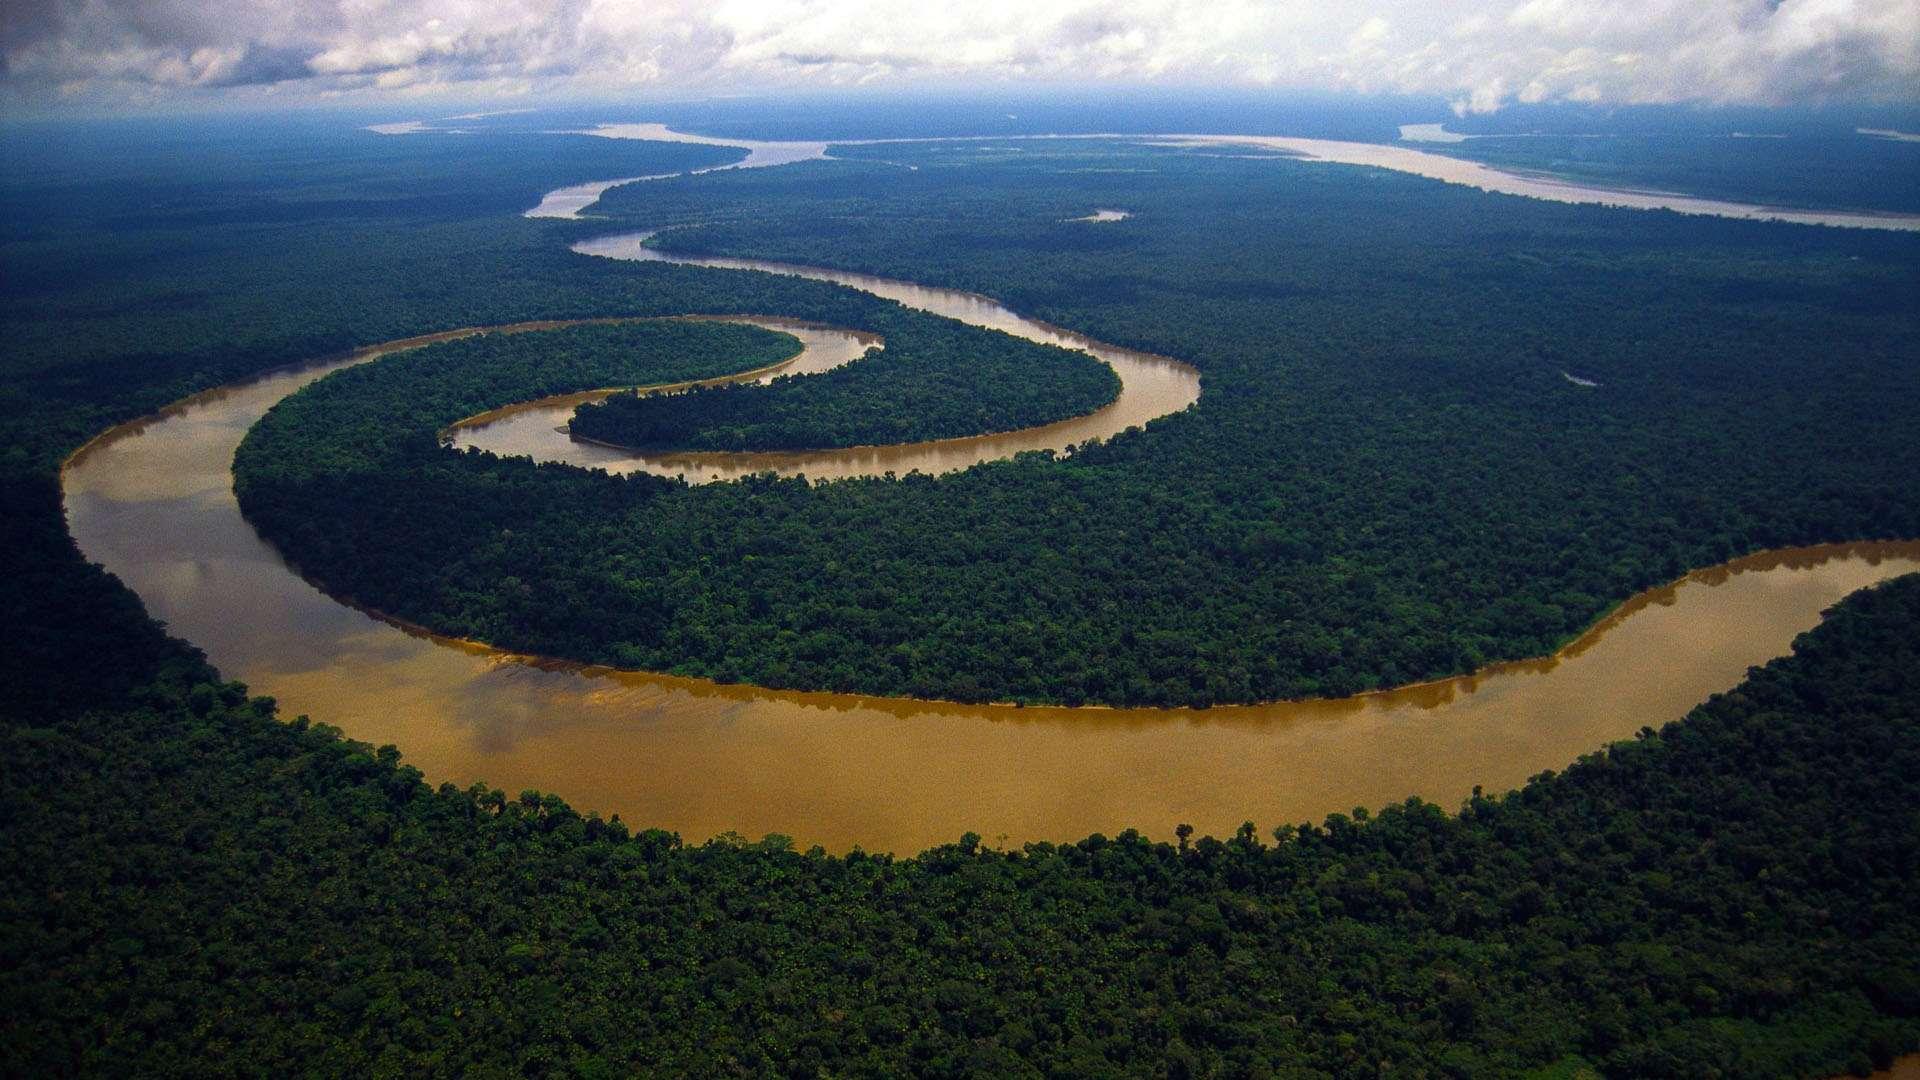 """Las zonas selváticas que atraviesa el río Amazonas cuando se adentra en Perú son especialmente conocidas como """"tierra de chamanes""""."""